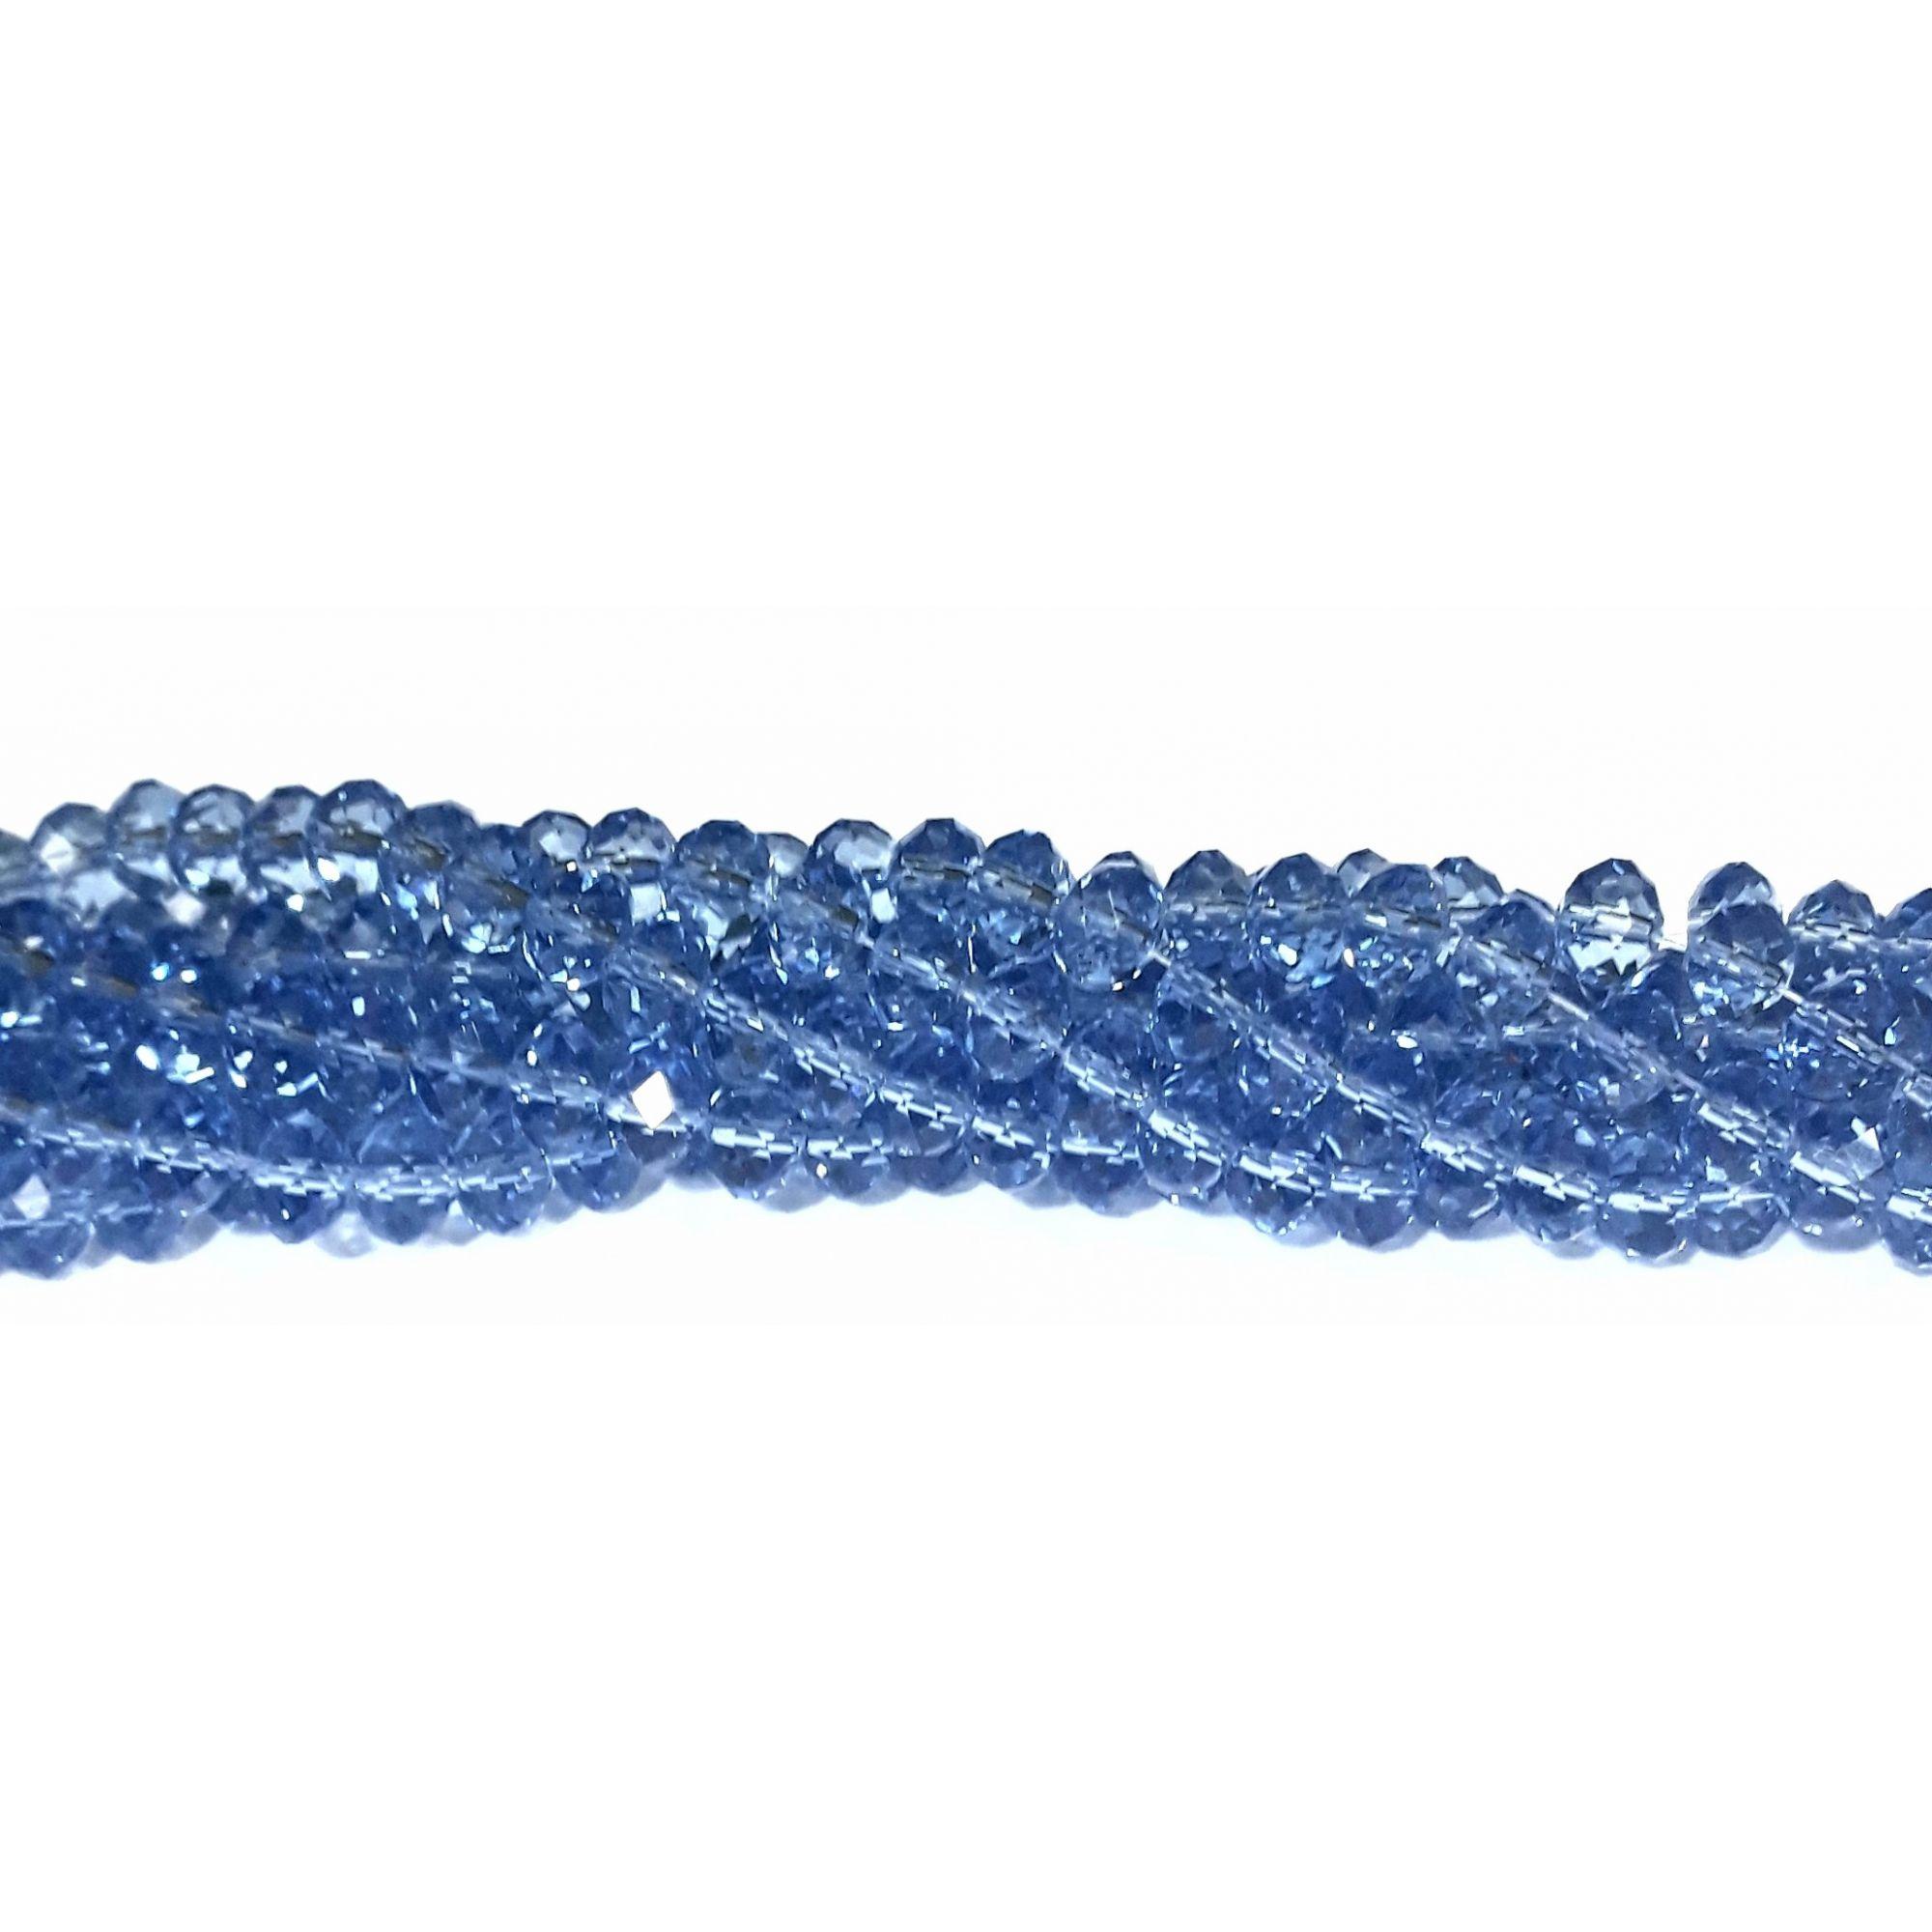 Fio de Cristal 8mm (Azul Transparente) - FDC29